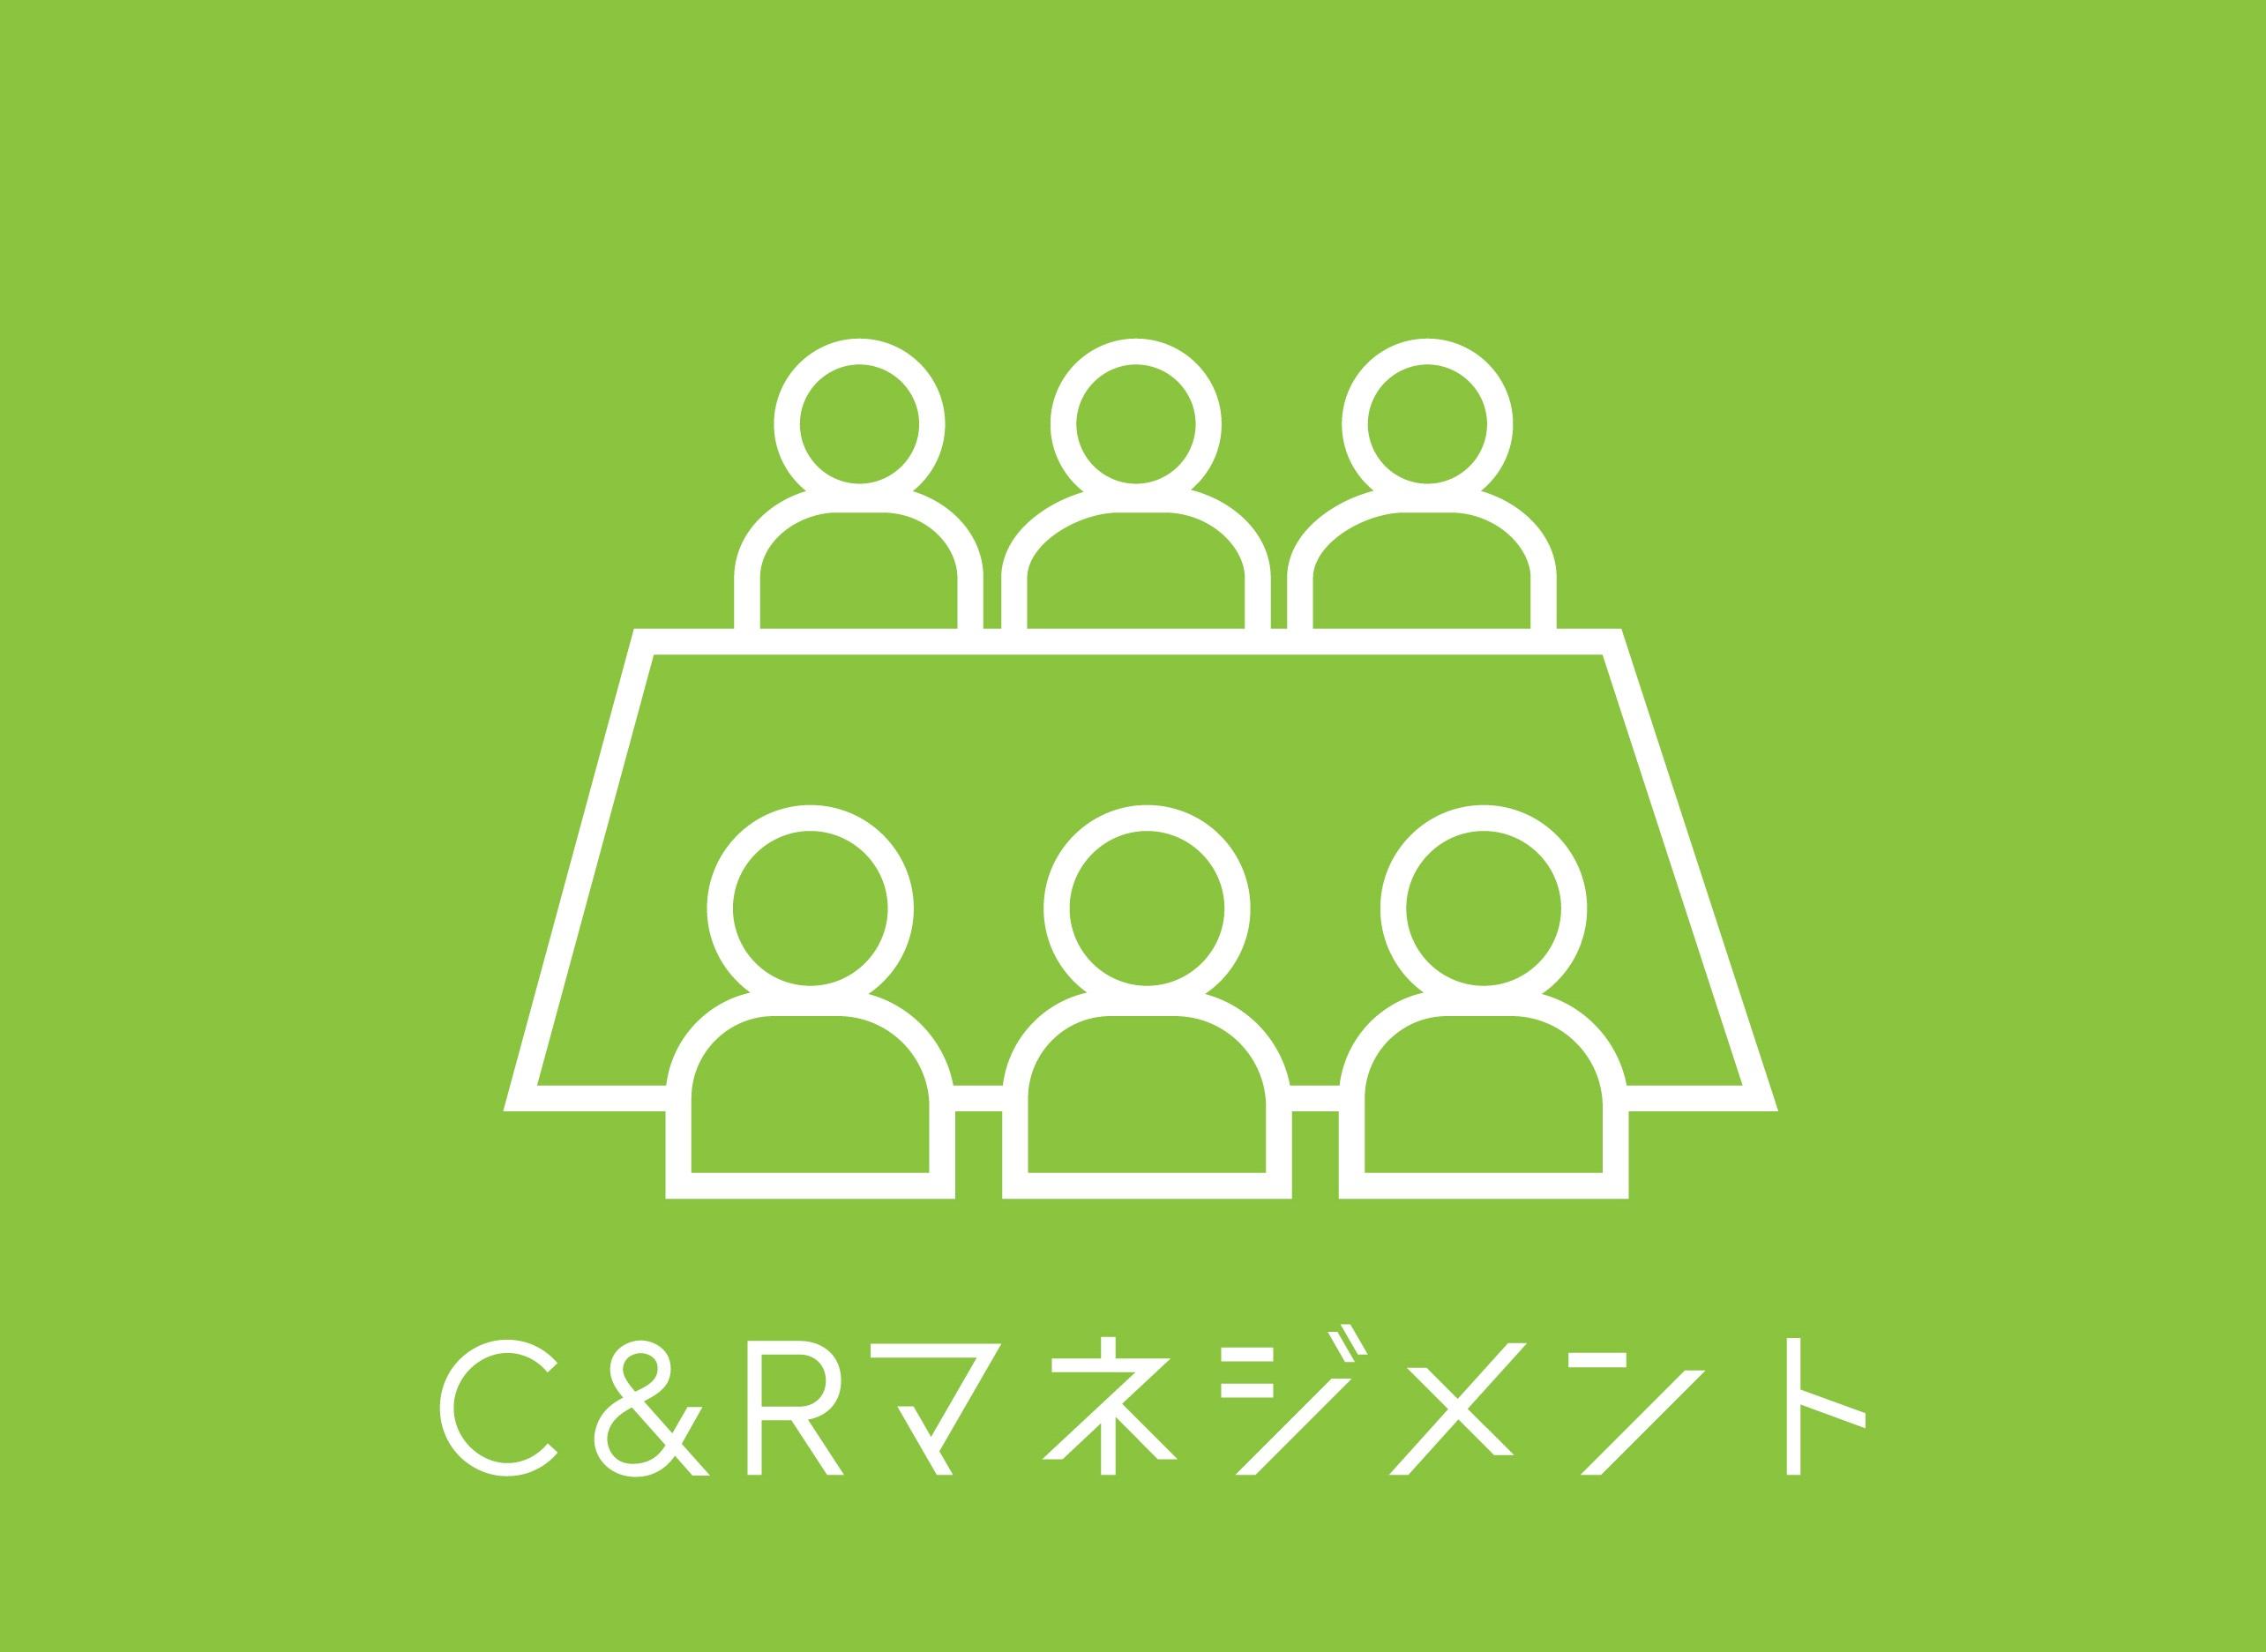 レンタルスペースのC&Rマネジメント